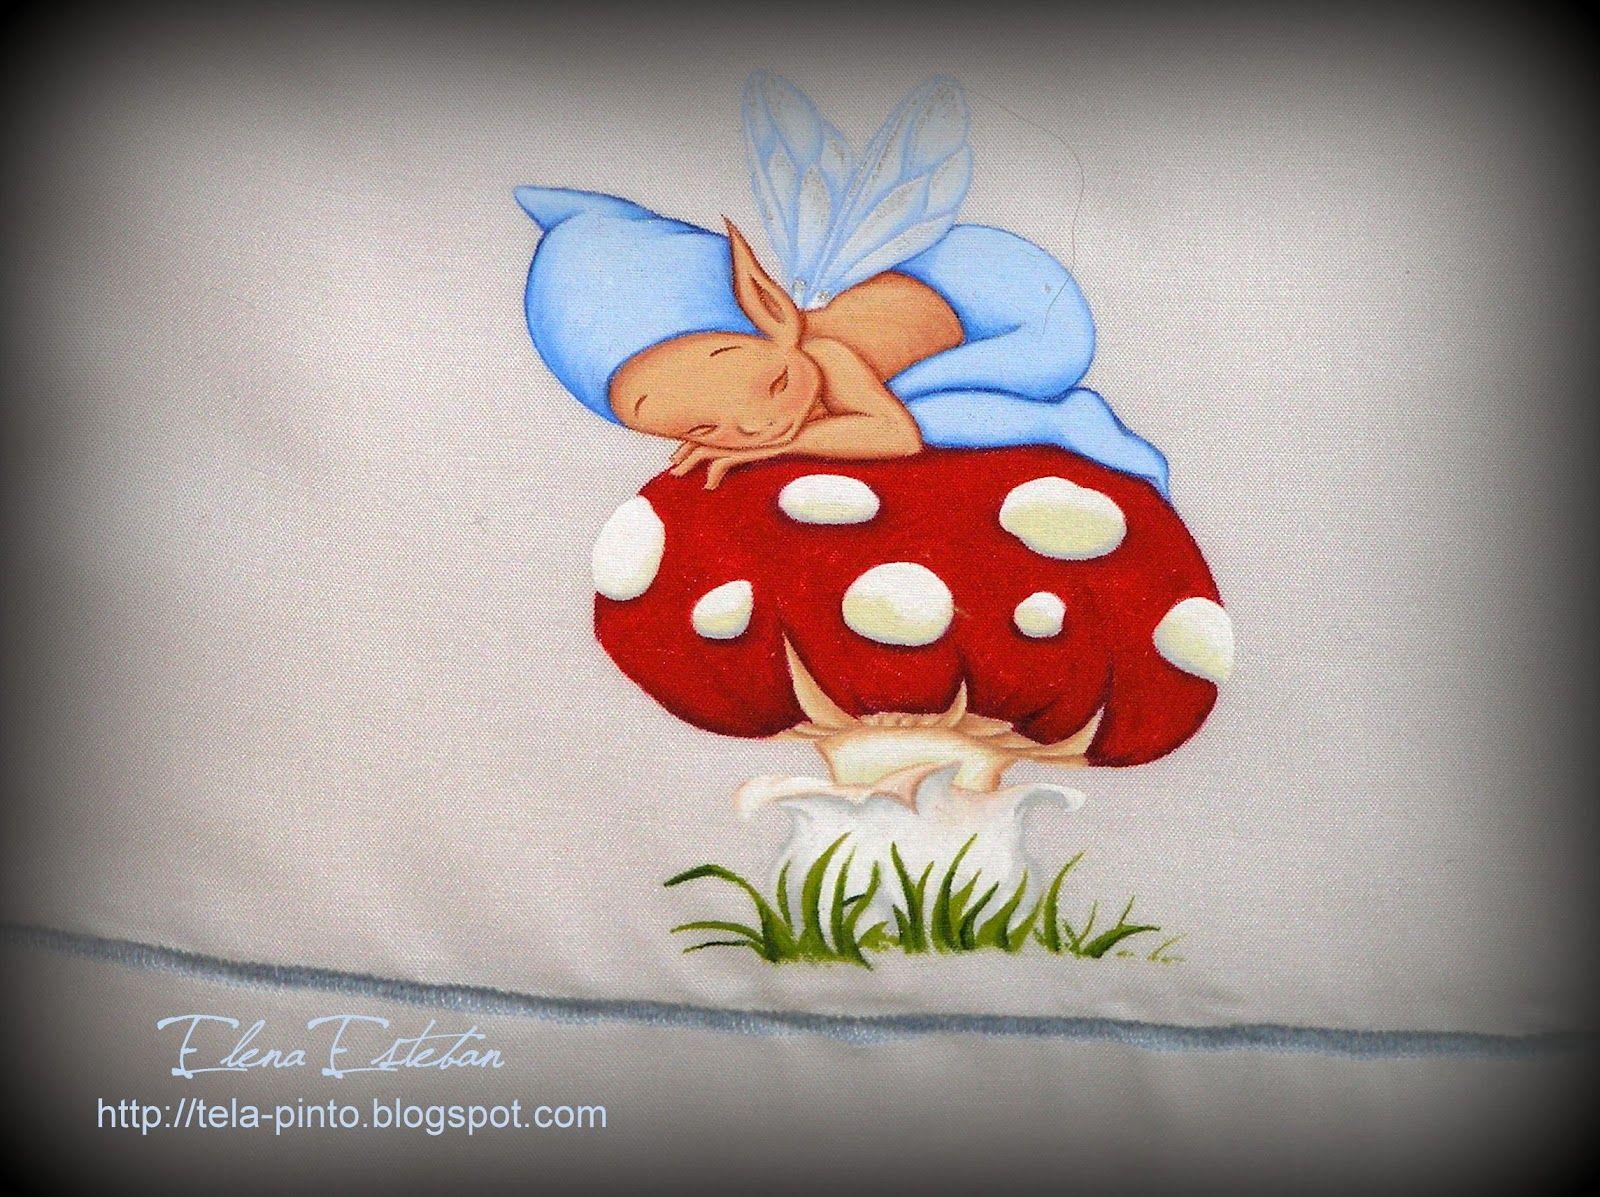 Todo color pintando duendes bbs pintura tela - Cuna duende micuna ...